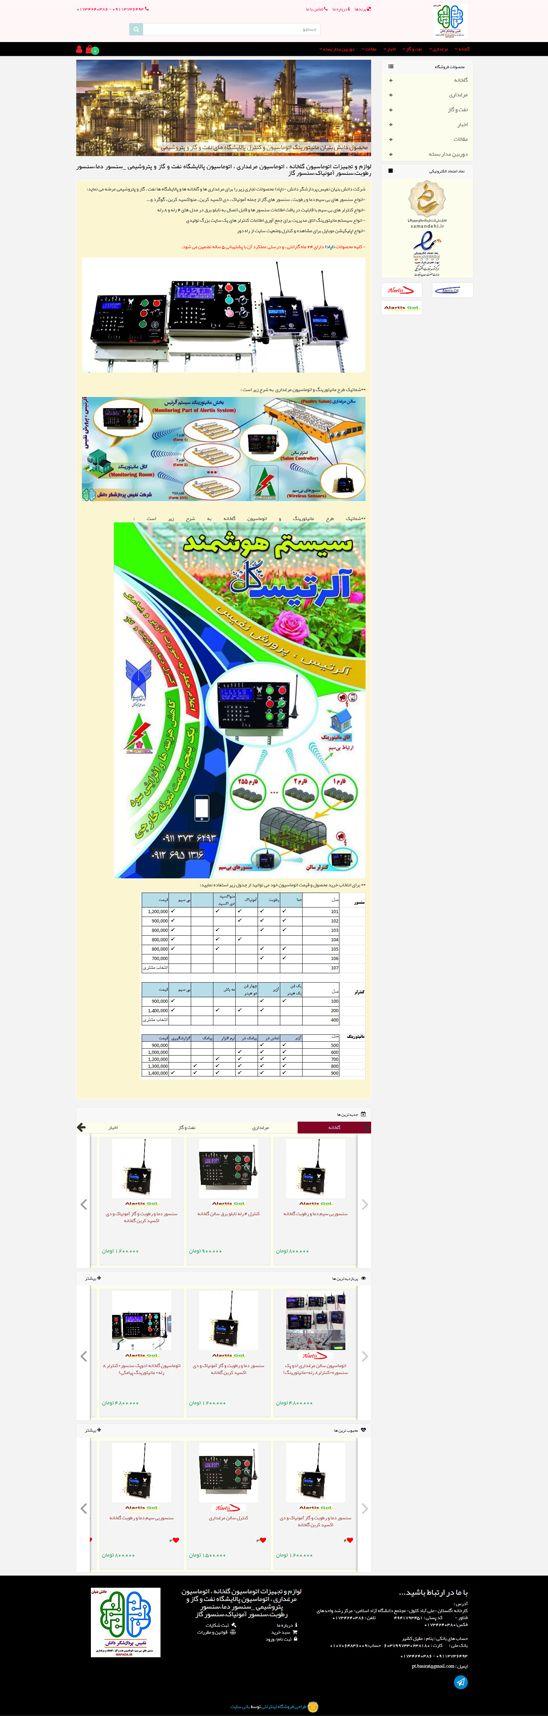 طراحی فروشگاه تجهیزات اتوماسیون